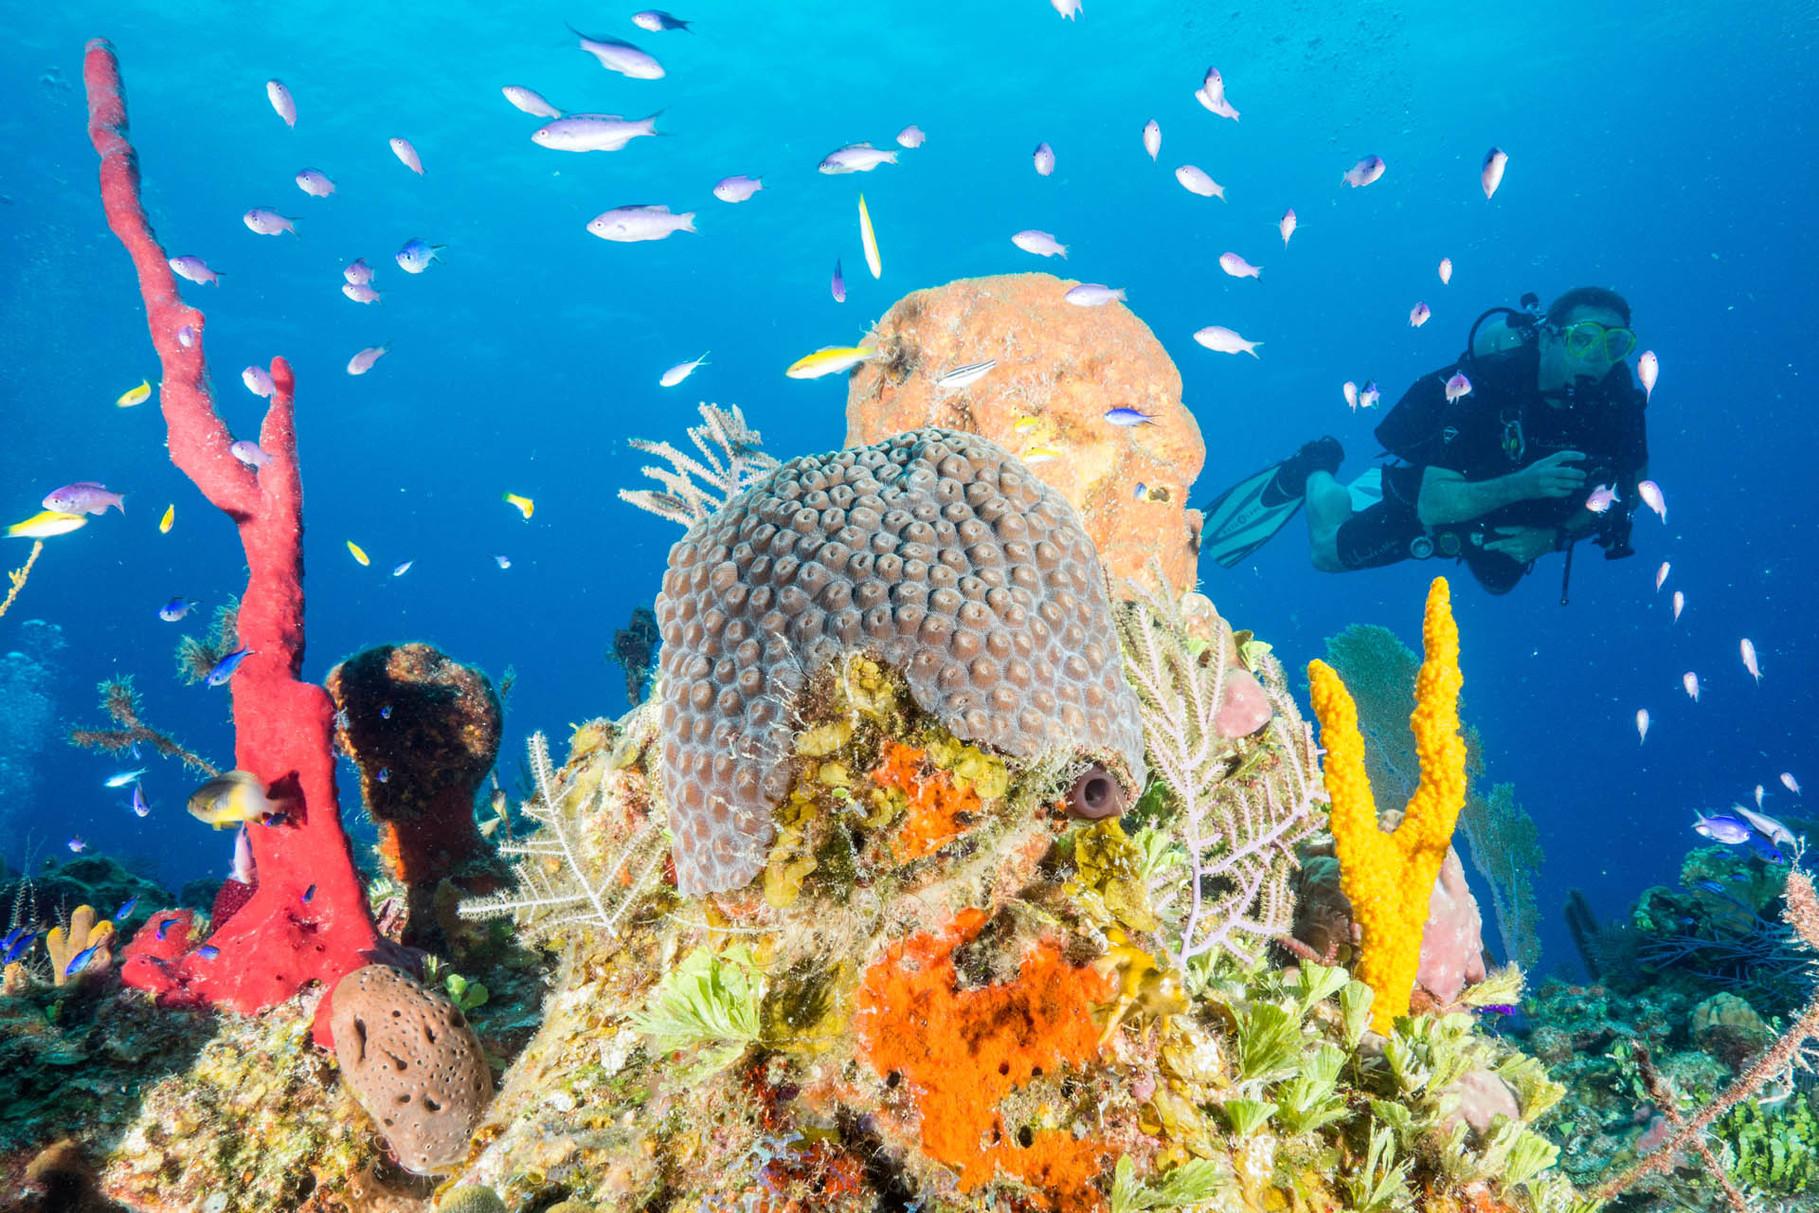 Razorback reef [Bahams, 2014]